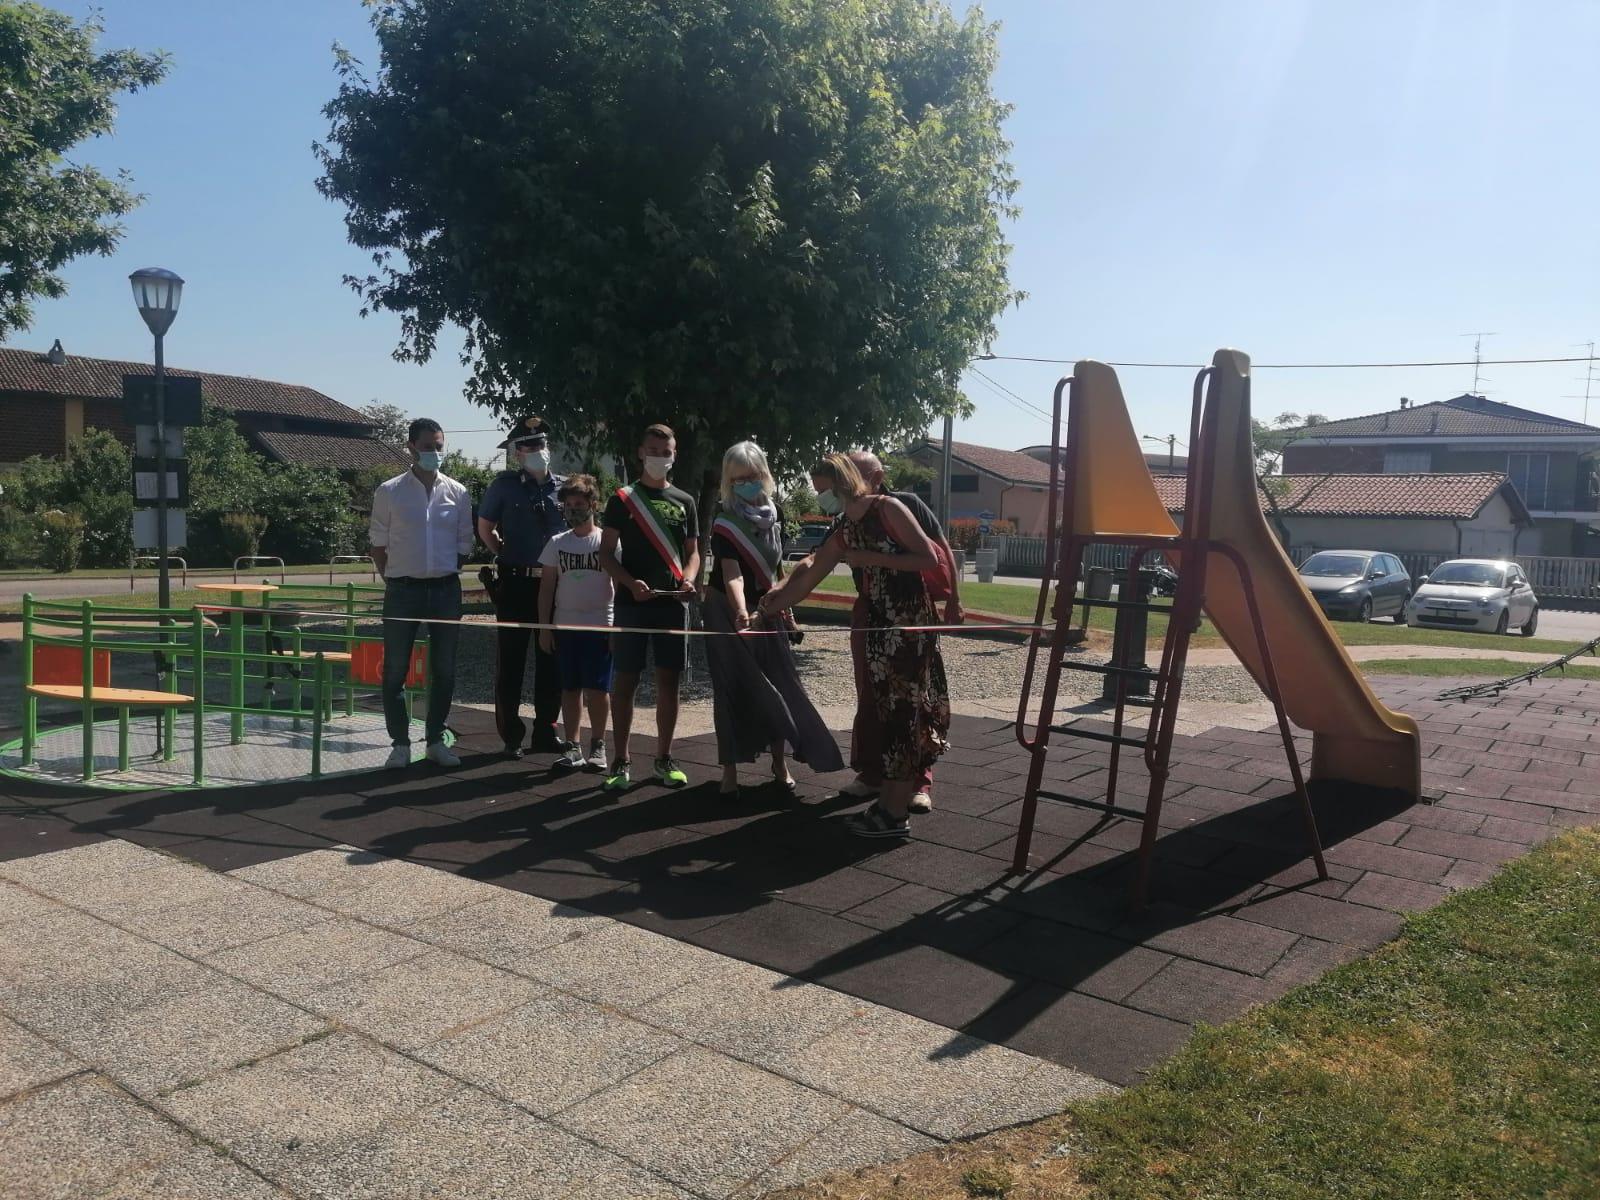 10 giugno 2021 in inugurazione Parco giochi inclusivo G.Rodari